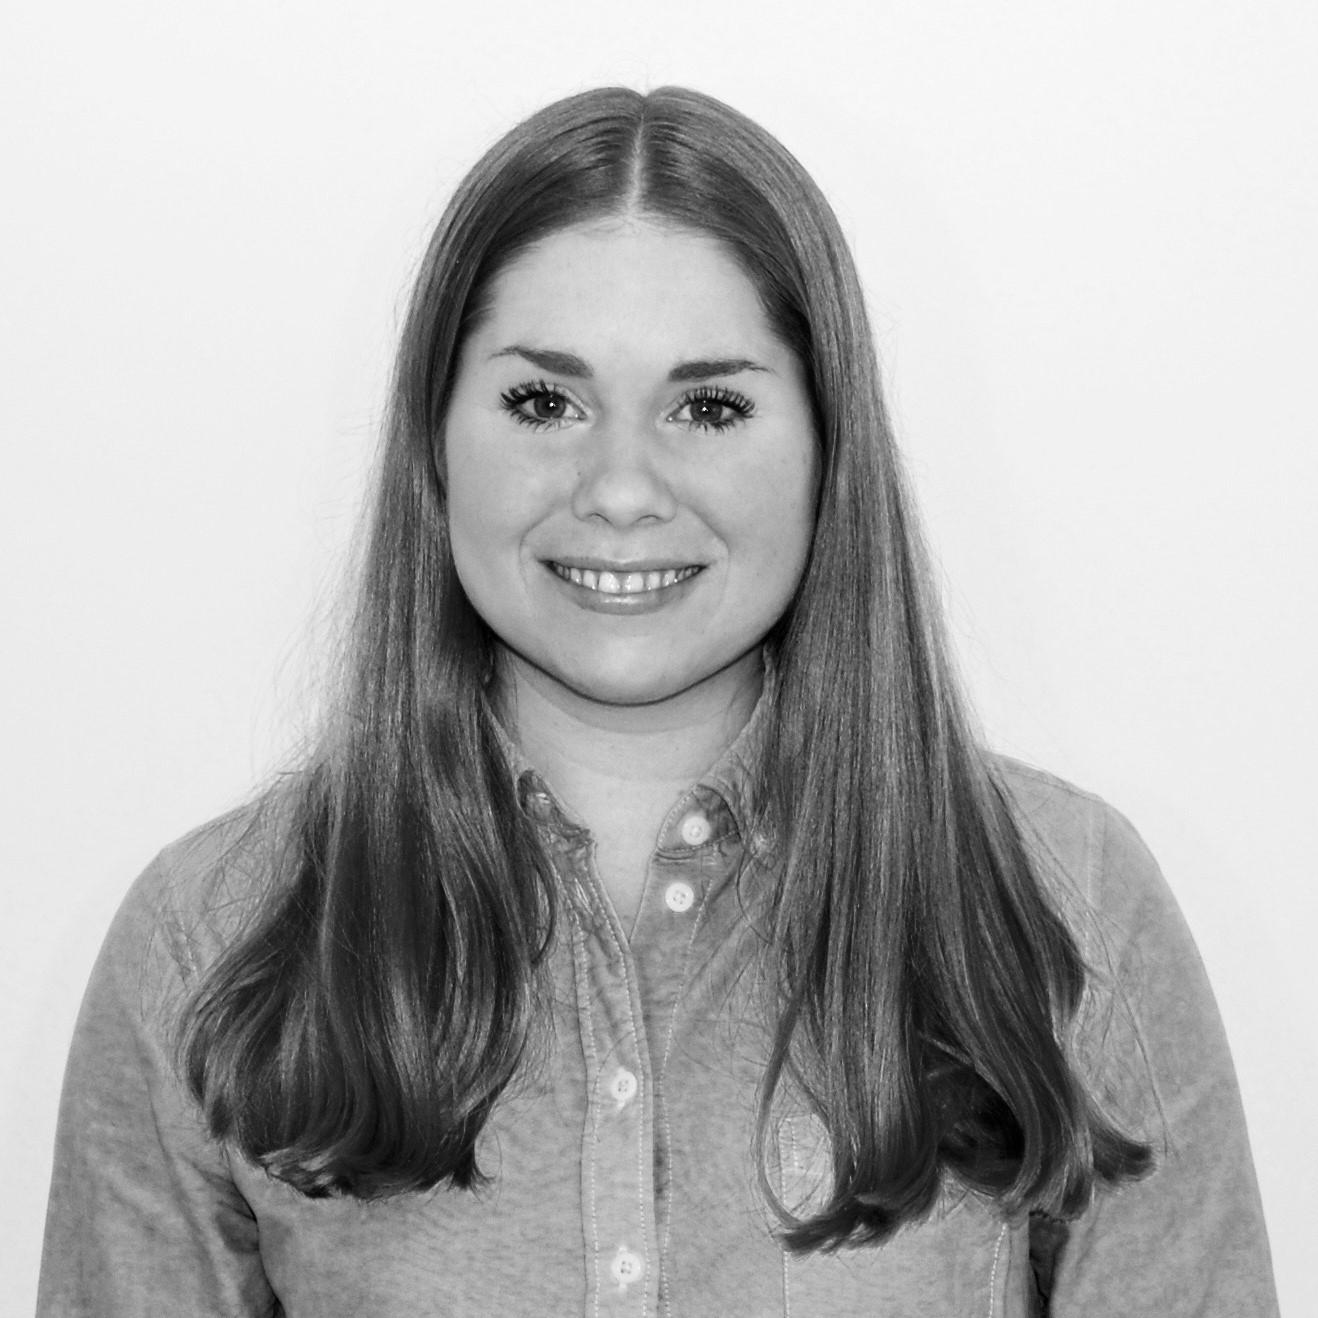 Emma Forsberg